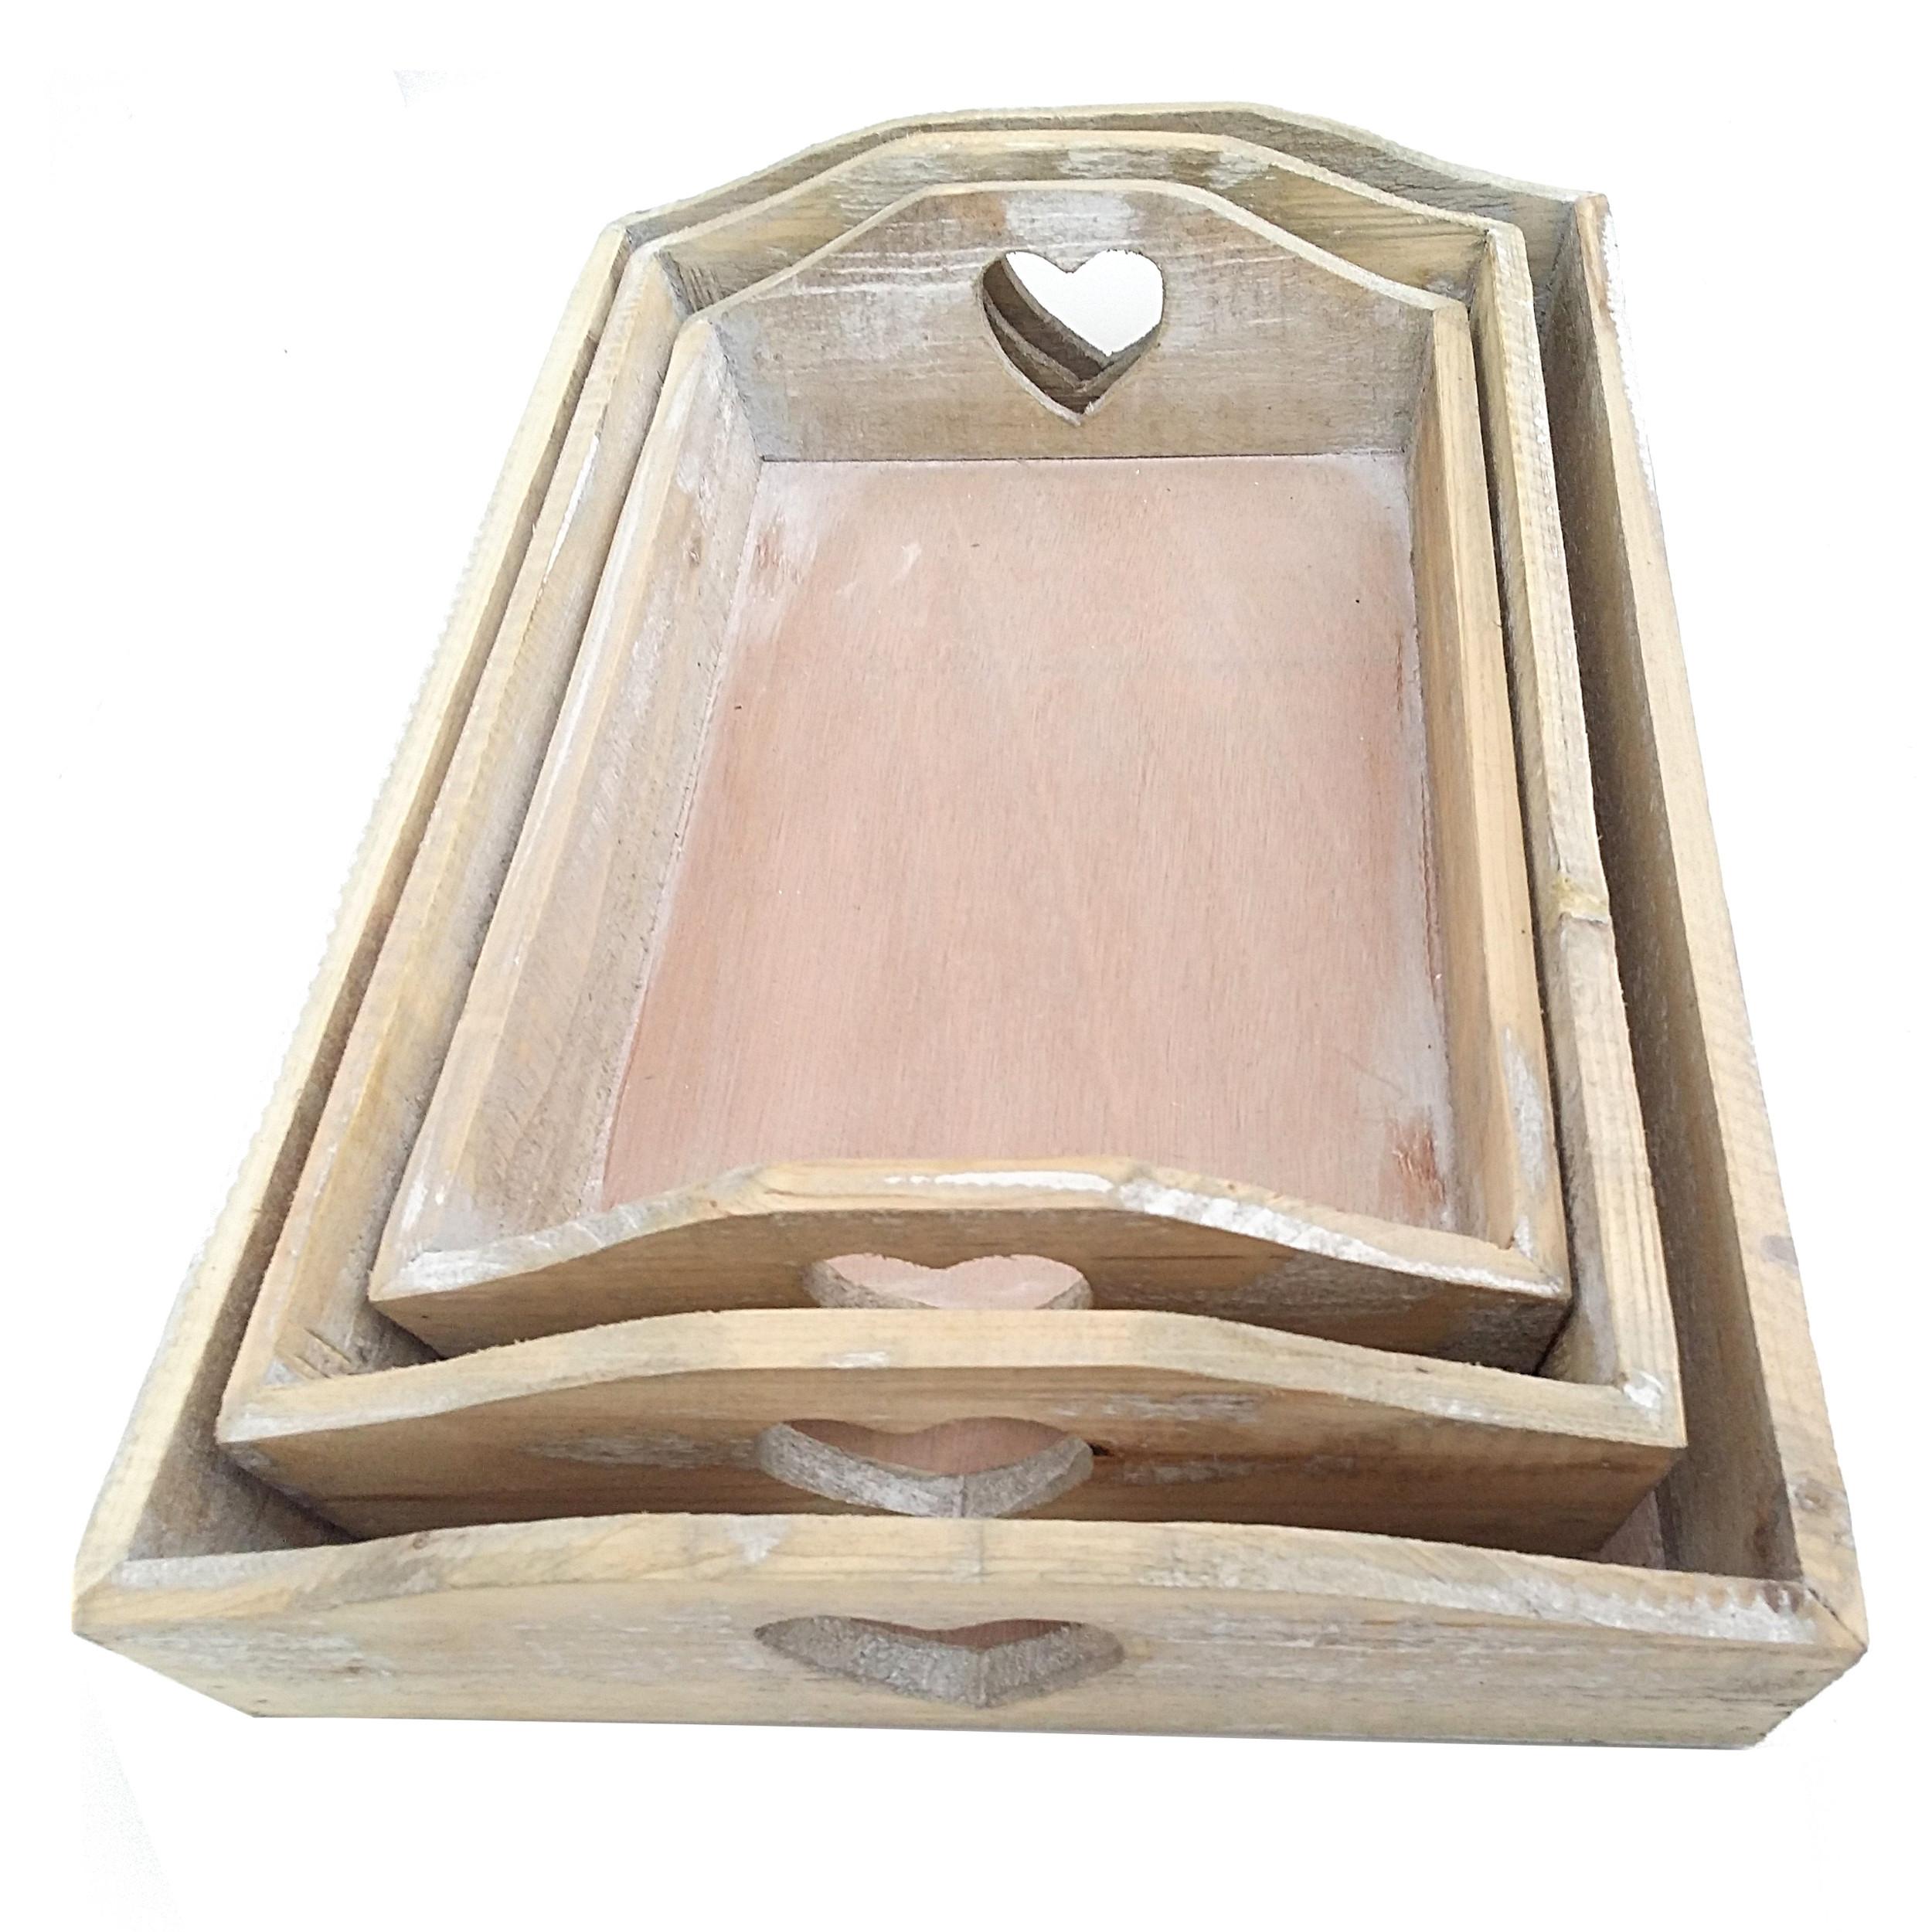 3er tablett set holz gek lkt herz gross rechteckig. Black Bedroom Furniture Sets. Home Design Ideas